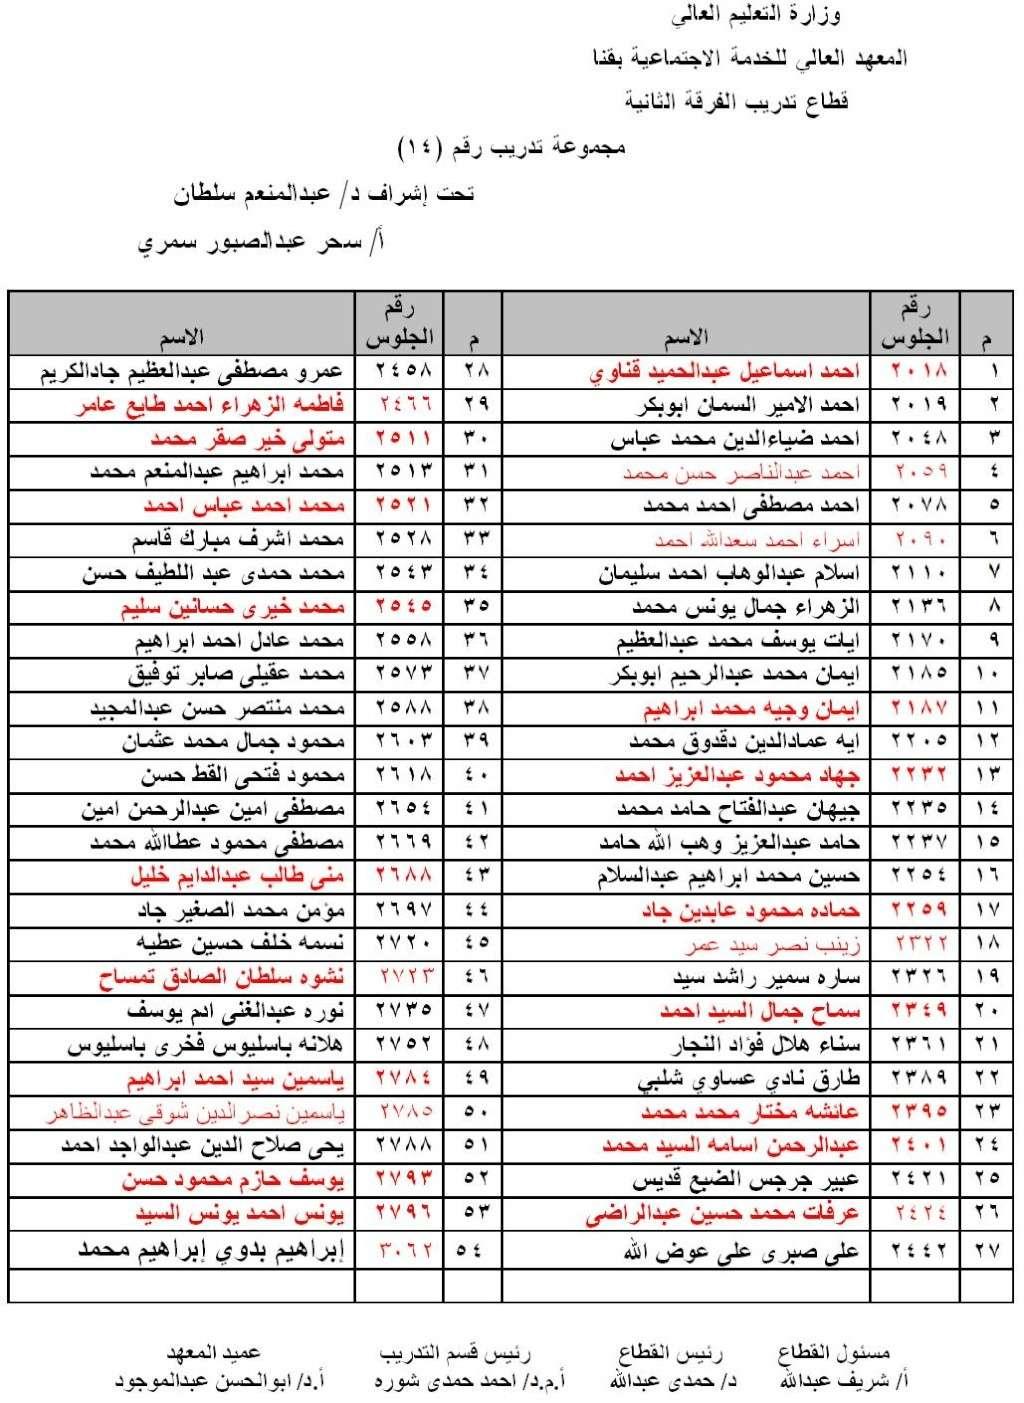 توزيع مجموعات تدريب الفرقة الثانية 2014 - 2015 1410